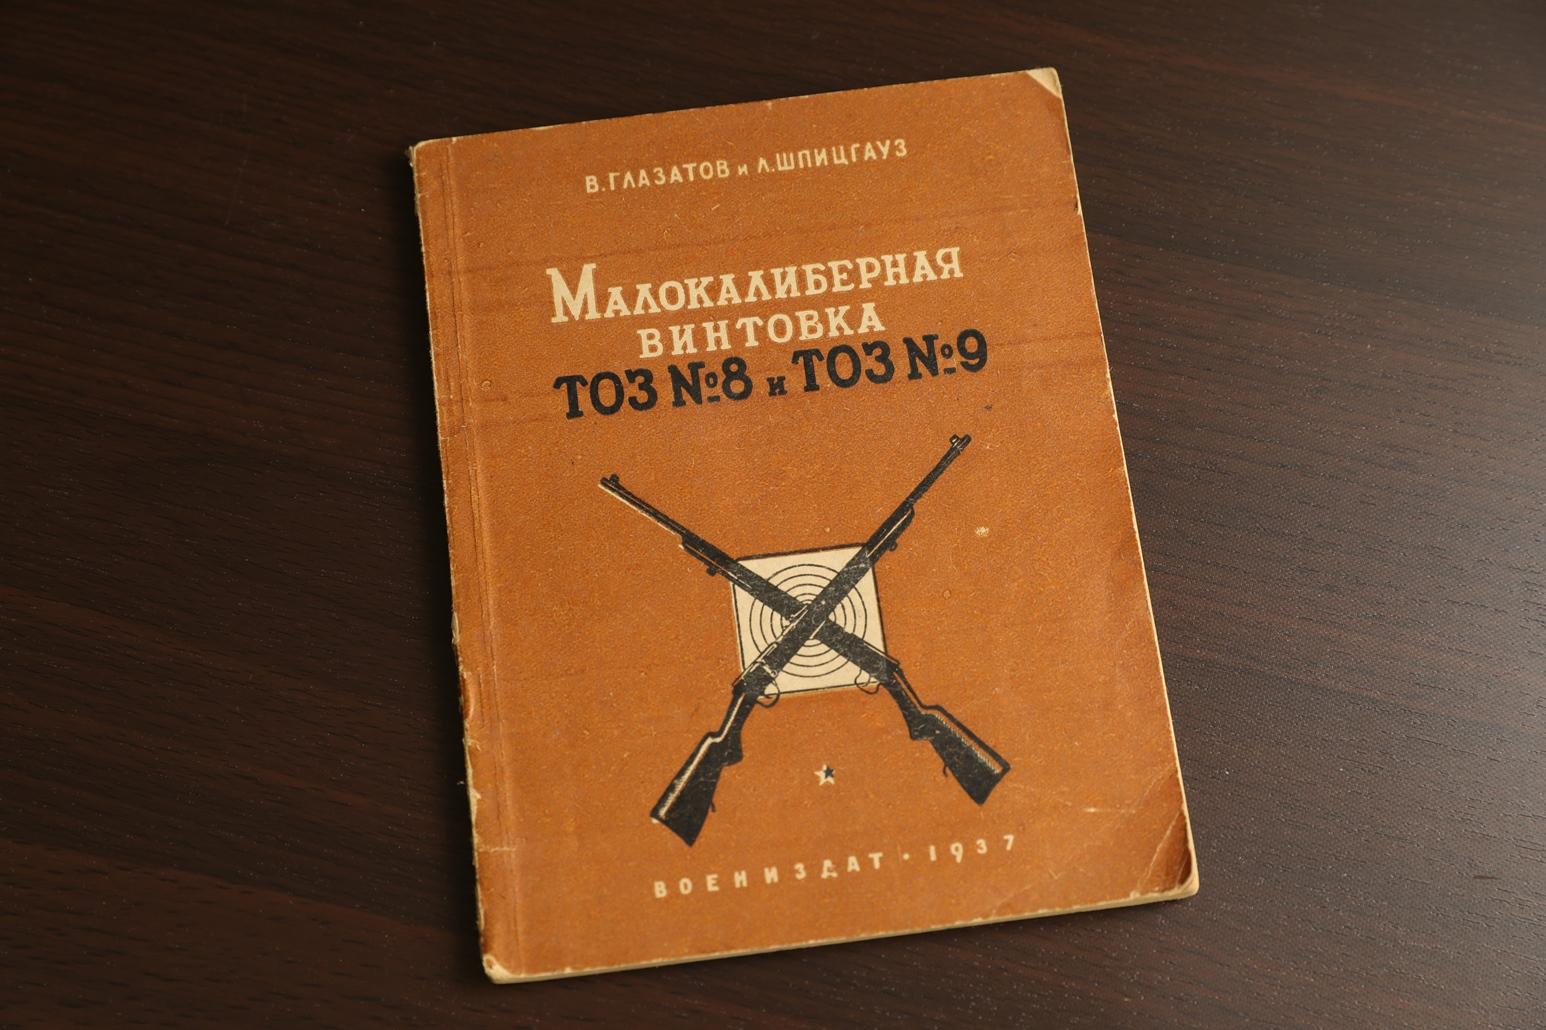 «Малокалиберная винтовка ТОЗ-8 и ТОЗ-9», 1937 год